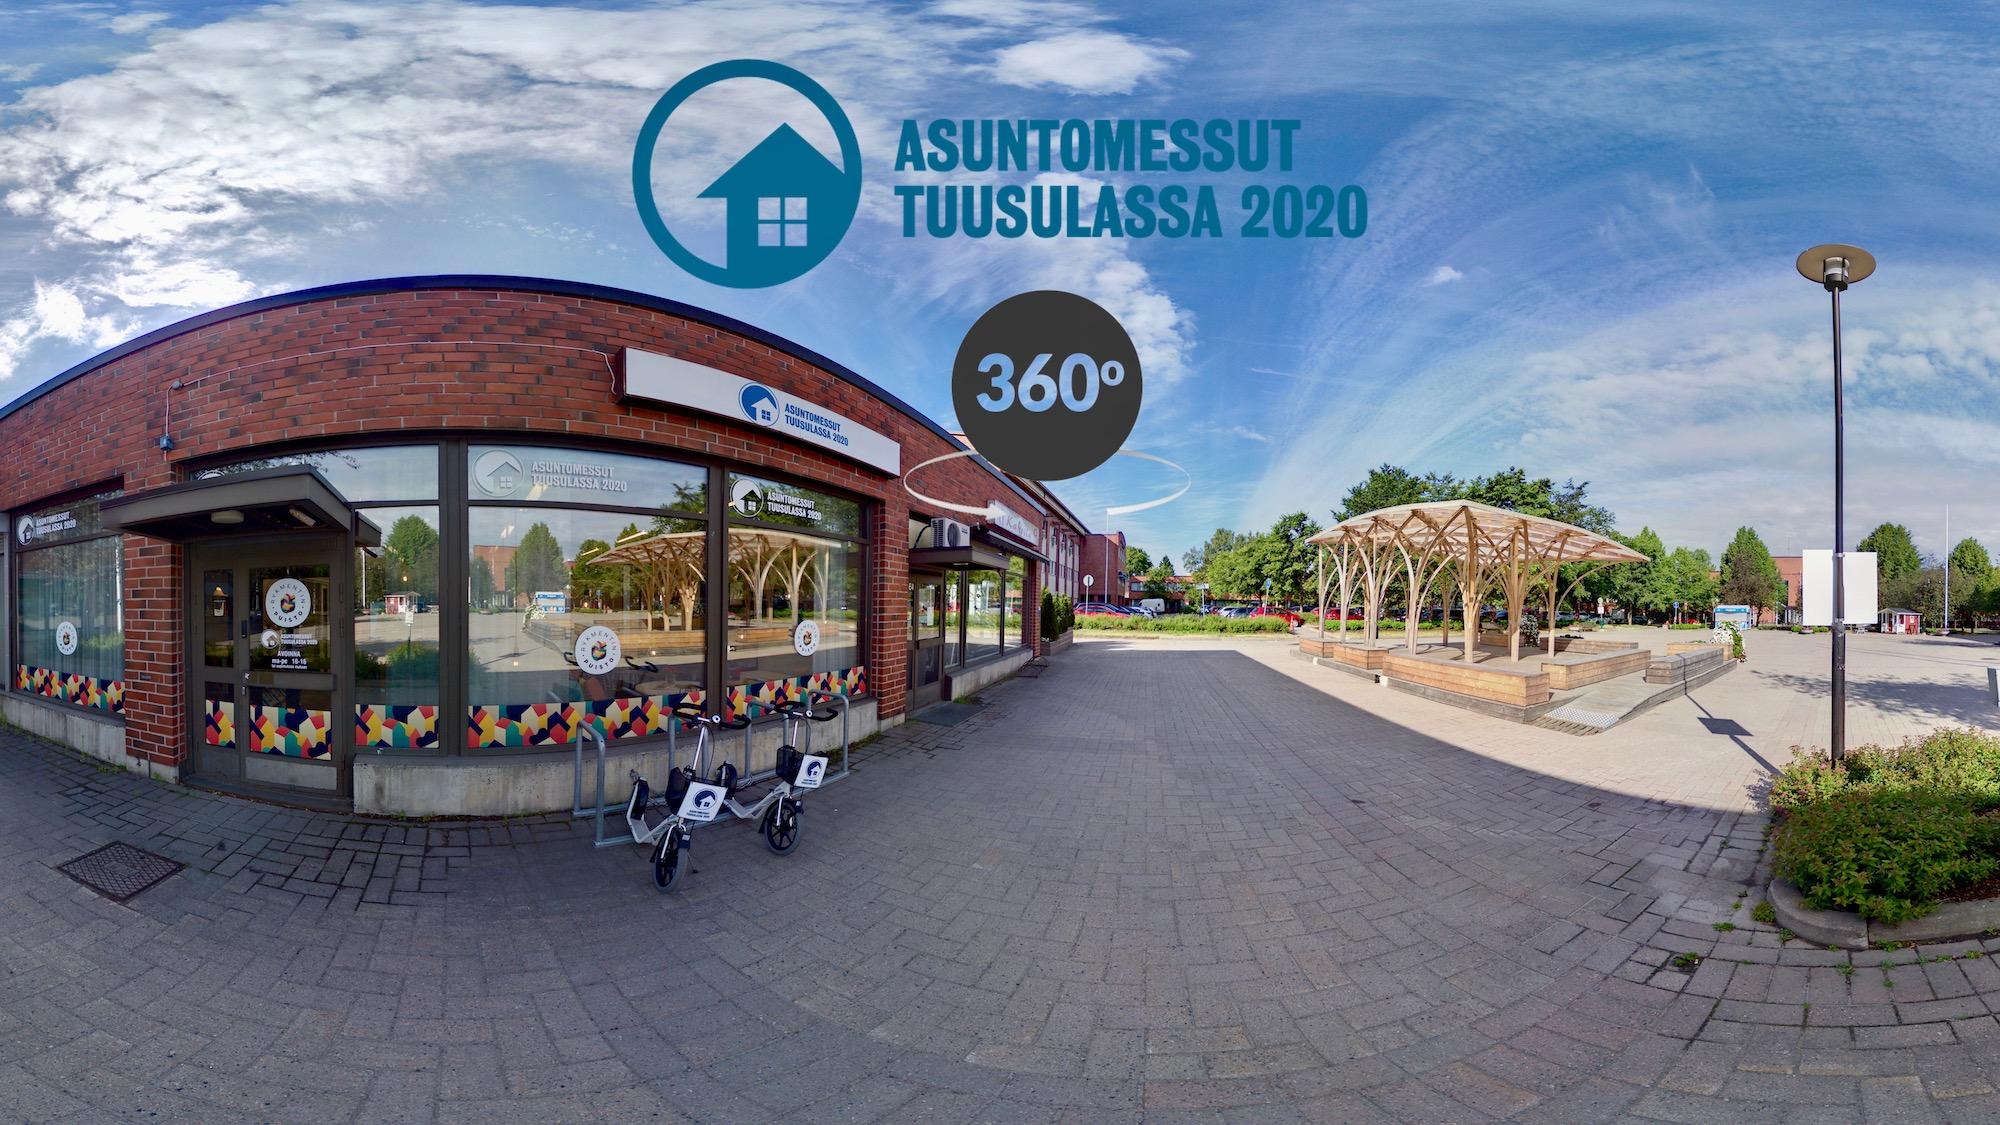 Tuusula 2020 Asuntomessutoimisto _ näyttökuva.jpg